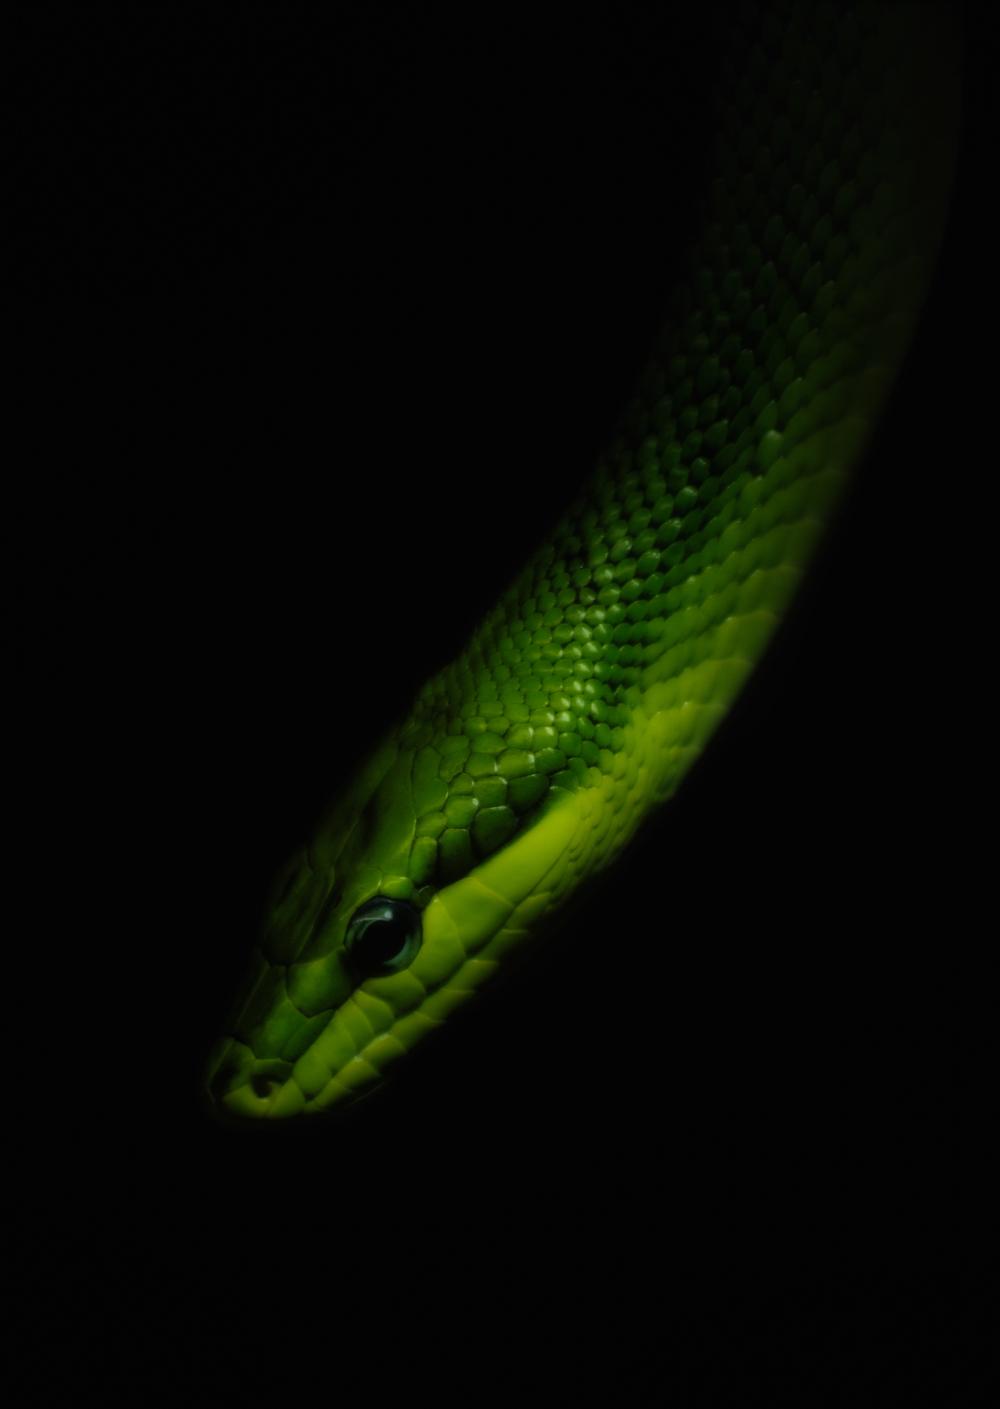 Green snake midnight.jpg